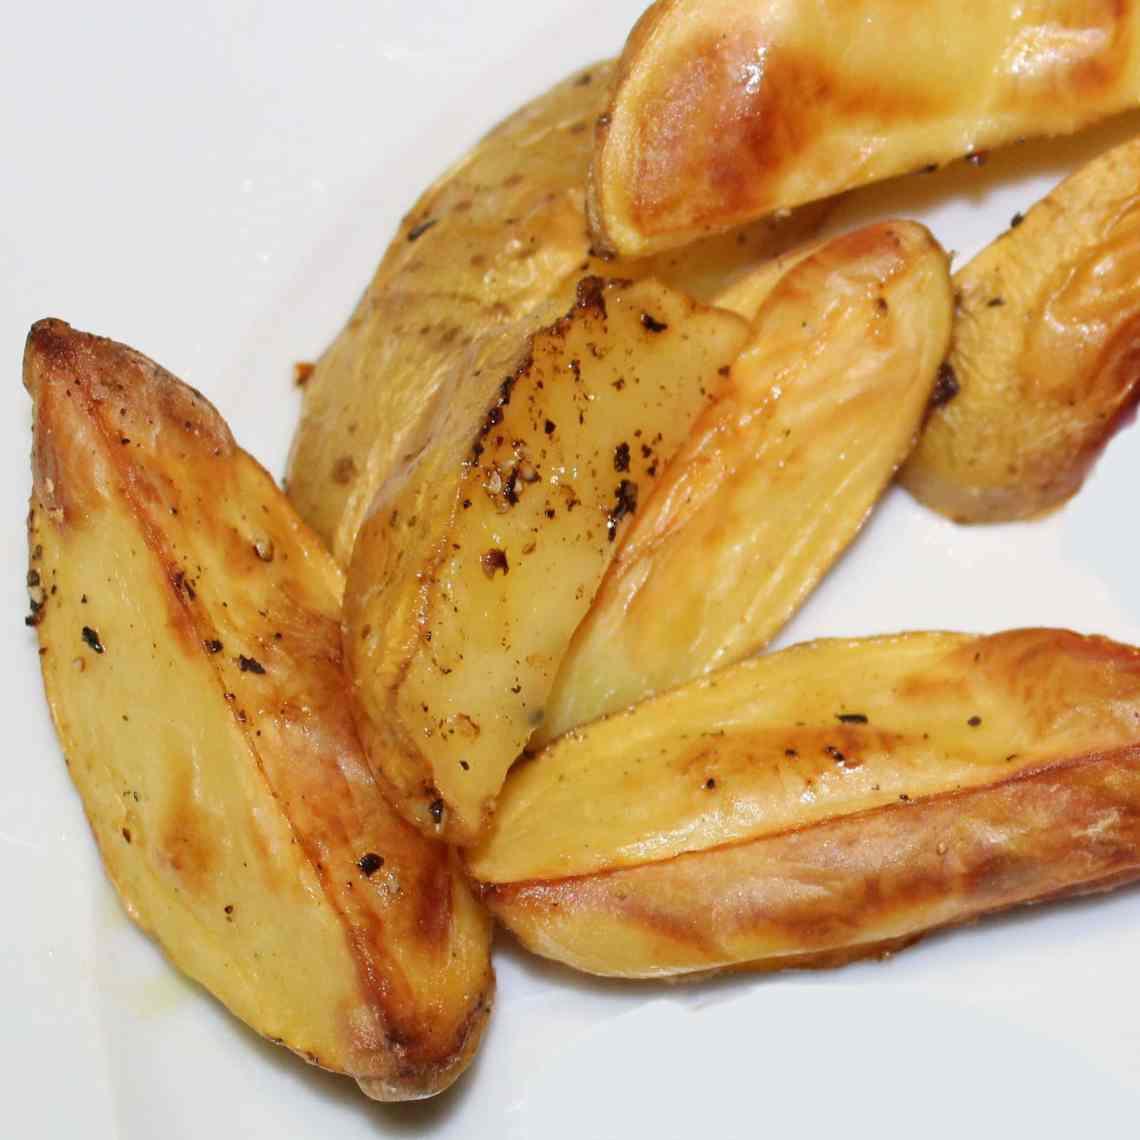 Ovnkartofler - tilbehør til aftensmad, som er nem og sund - find opskrifter og inspiration på danishthings.com